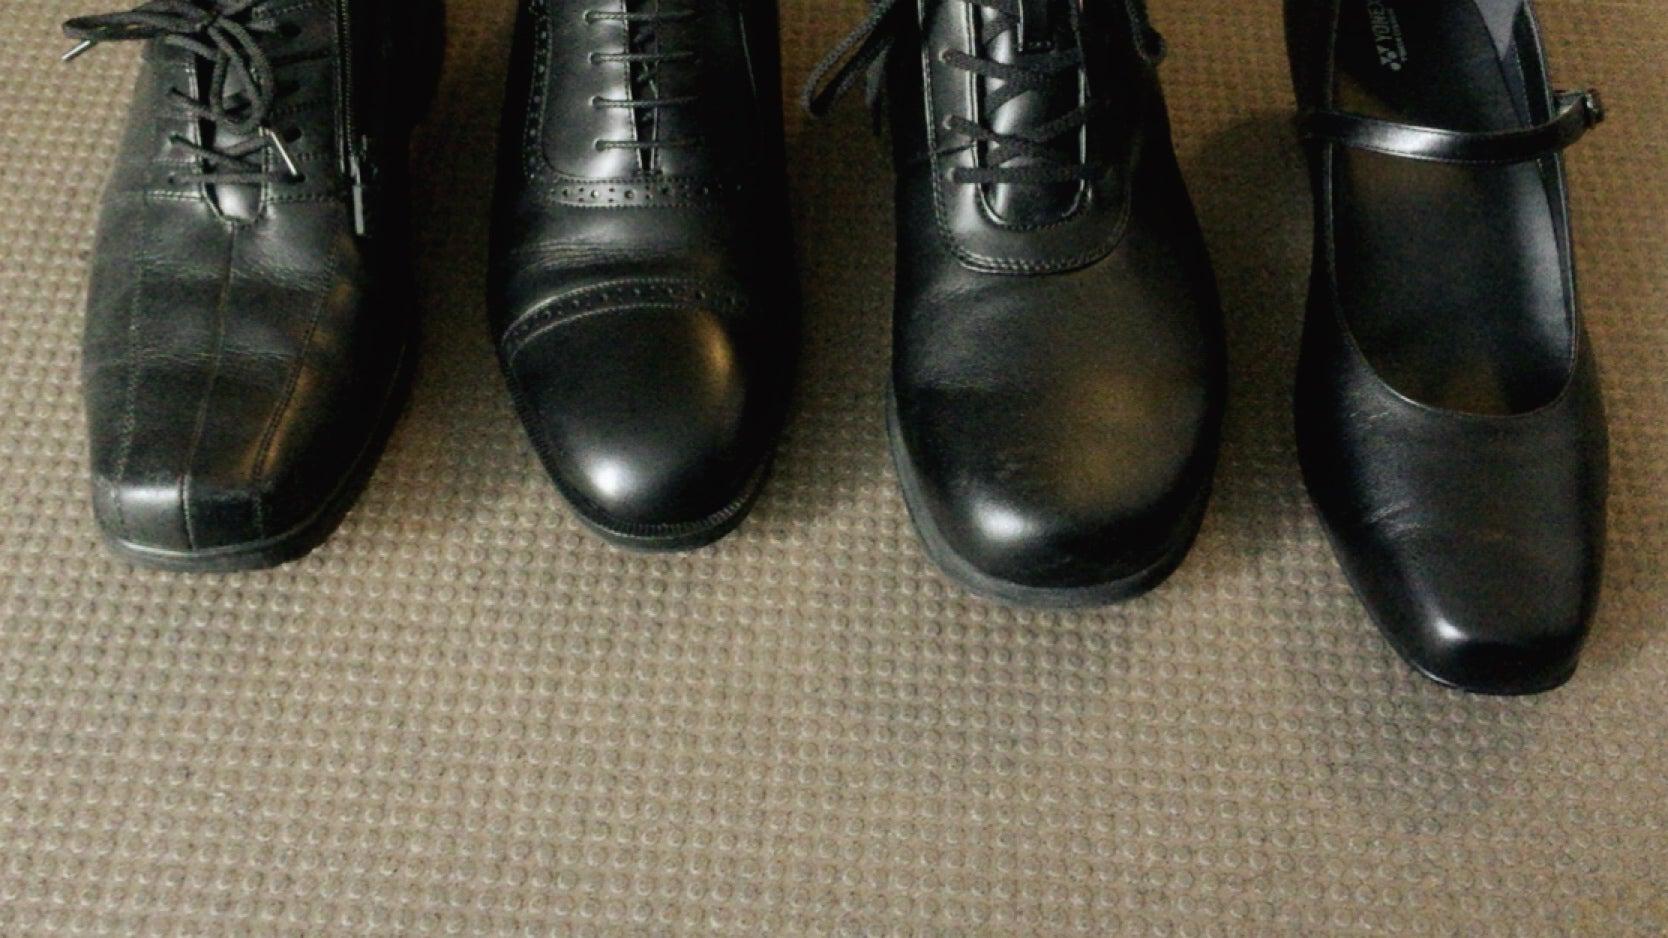 歩くと足指が痛い 爪の変色 なぜ?